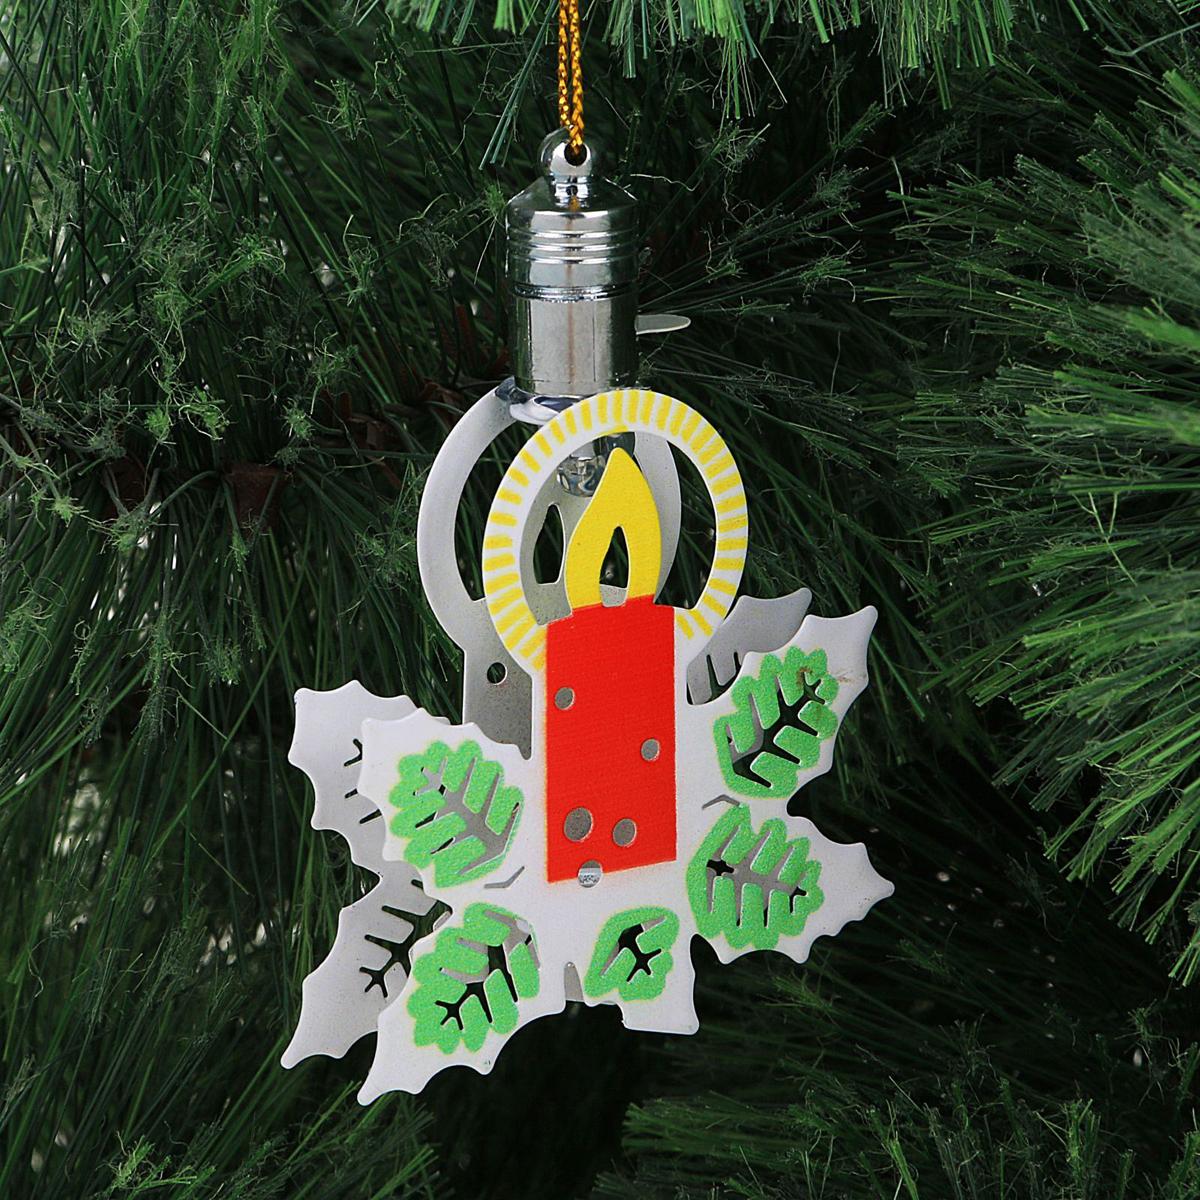 Украшение новогоднее подвесное Luazon Lighting Свечка, световое, 8,5 см2327183Световая новогодняя подвеска Luazon Lighting выполнена из металла в виде свечки. Елочное украшение выглядит как простая елочная игрушка днем, но при этом остается видимой вечером. Просто включите изделие с наступлением темноты, и оно украсит елку огоньками. Подвеска Luazon Lighting работает от батареек (входят в комплект) и пожаробезопасна, так как светодиоды не нагреваются, в отличие от ламп накаливания.